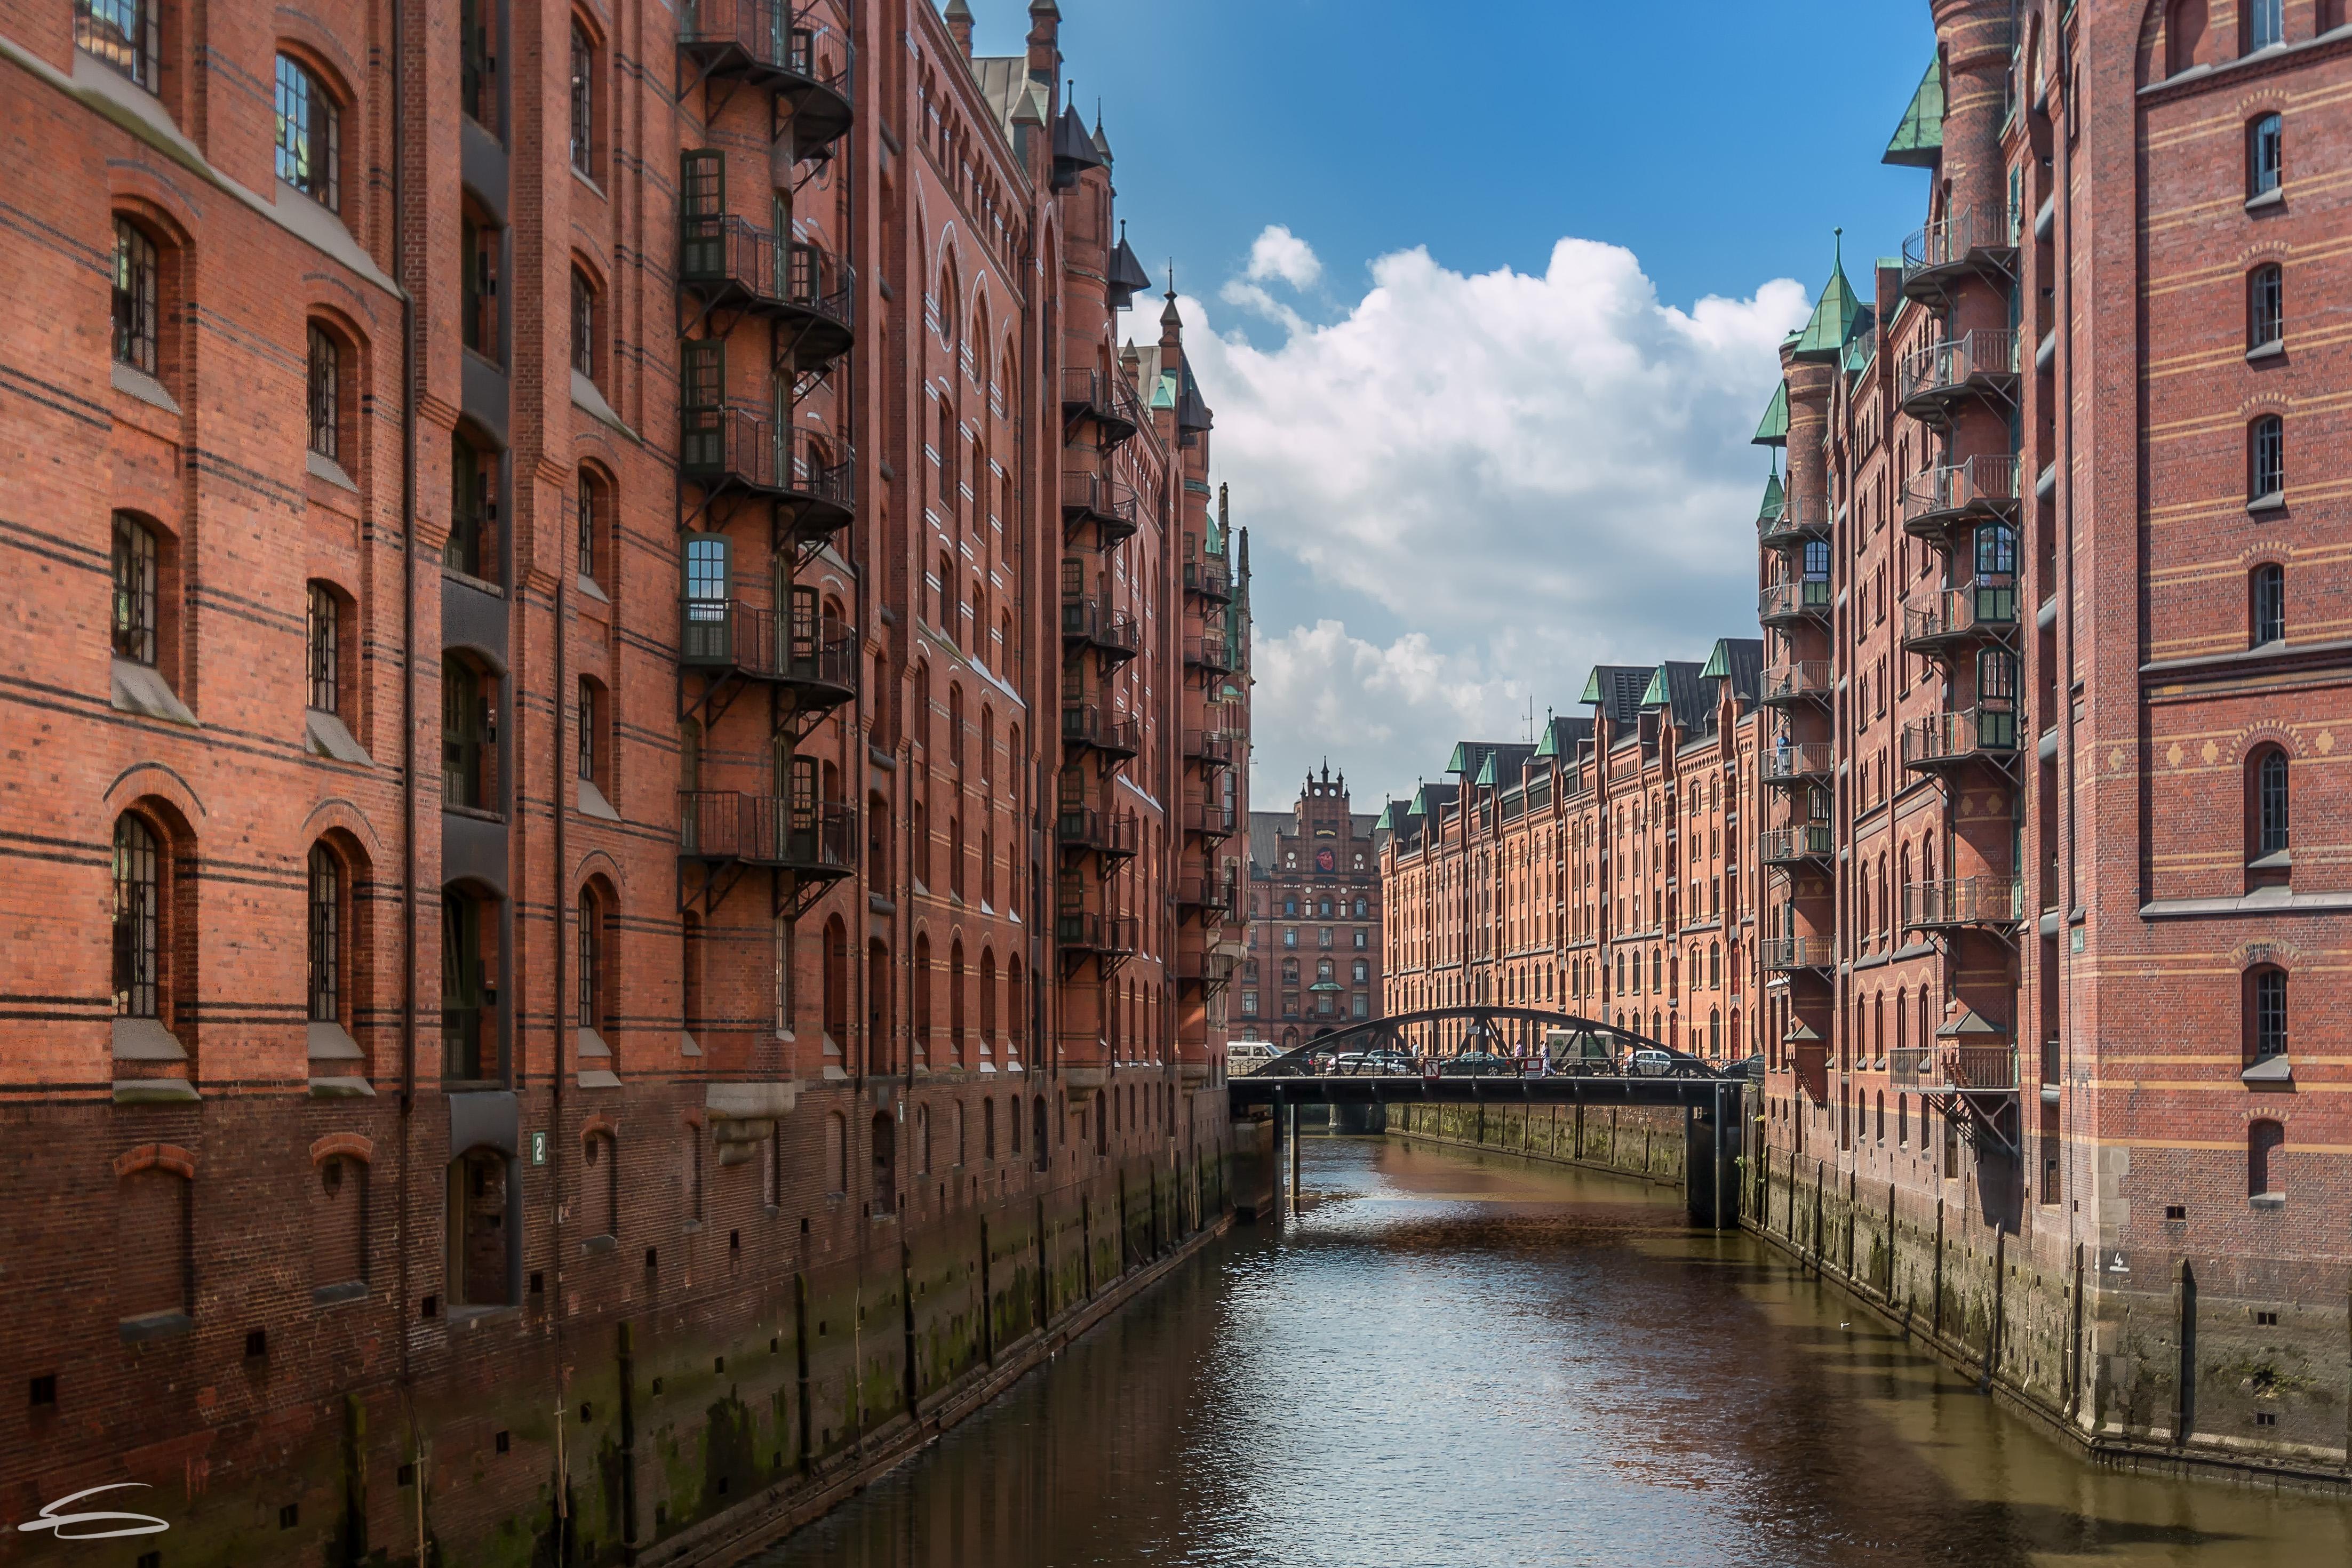 シティ 通り 建築 水 建物 反射 空 レンガ ドイツ タウン ヨーロッパ 運河 ハンブルク 大都市 スペイ